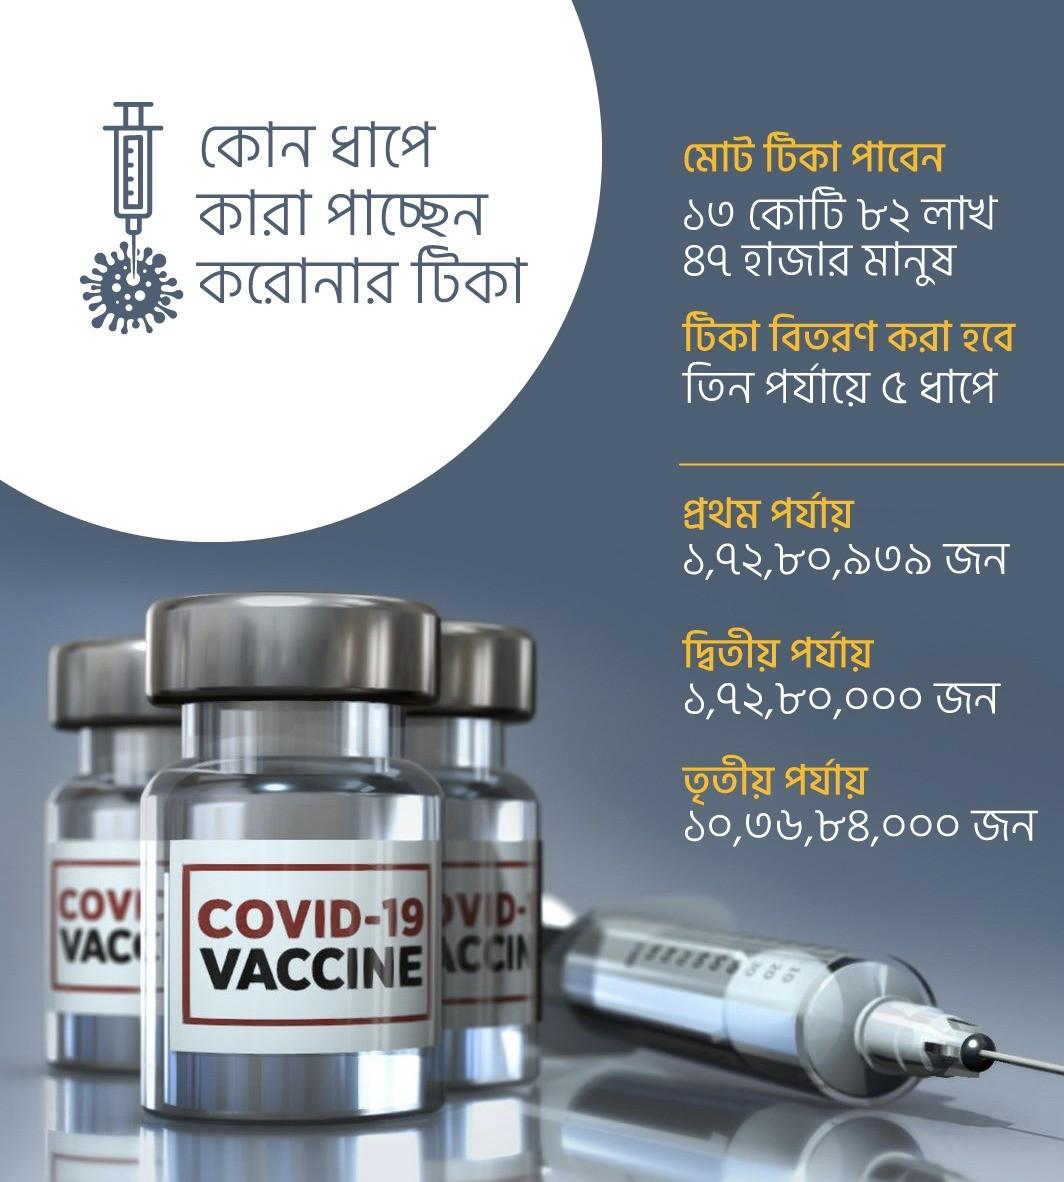 করোনাভাইরাস(COVID-19) কি ? ঘরে বসে যেভাবে নিবেন Corona Vaccine || Surokkha app registration